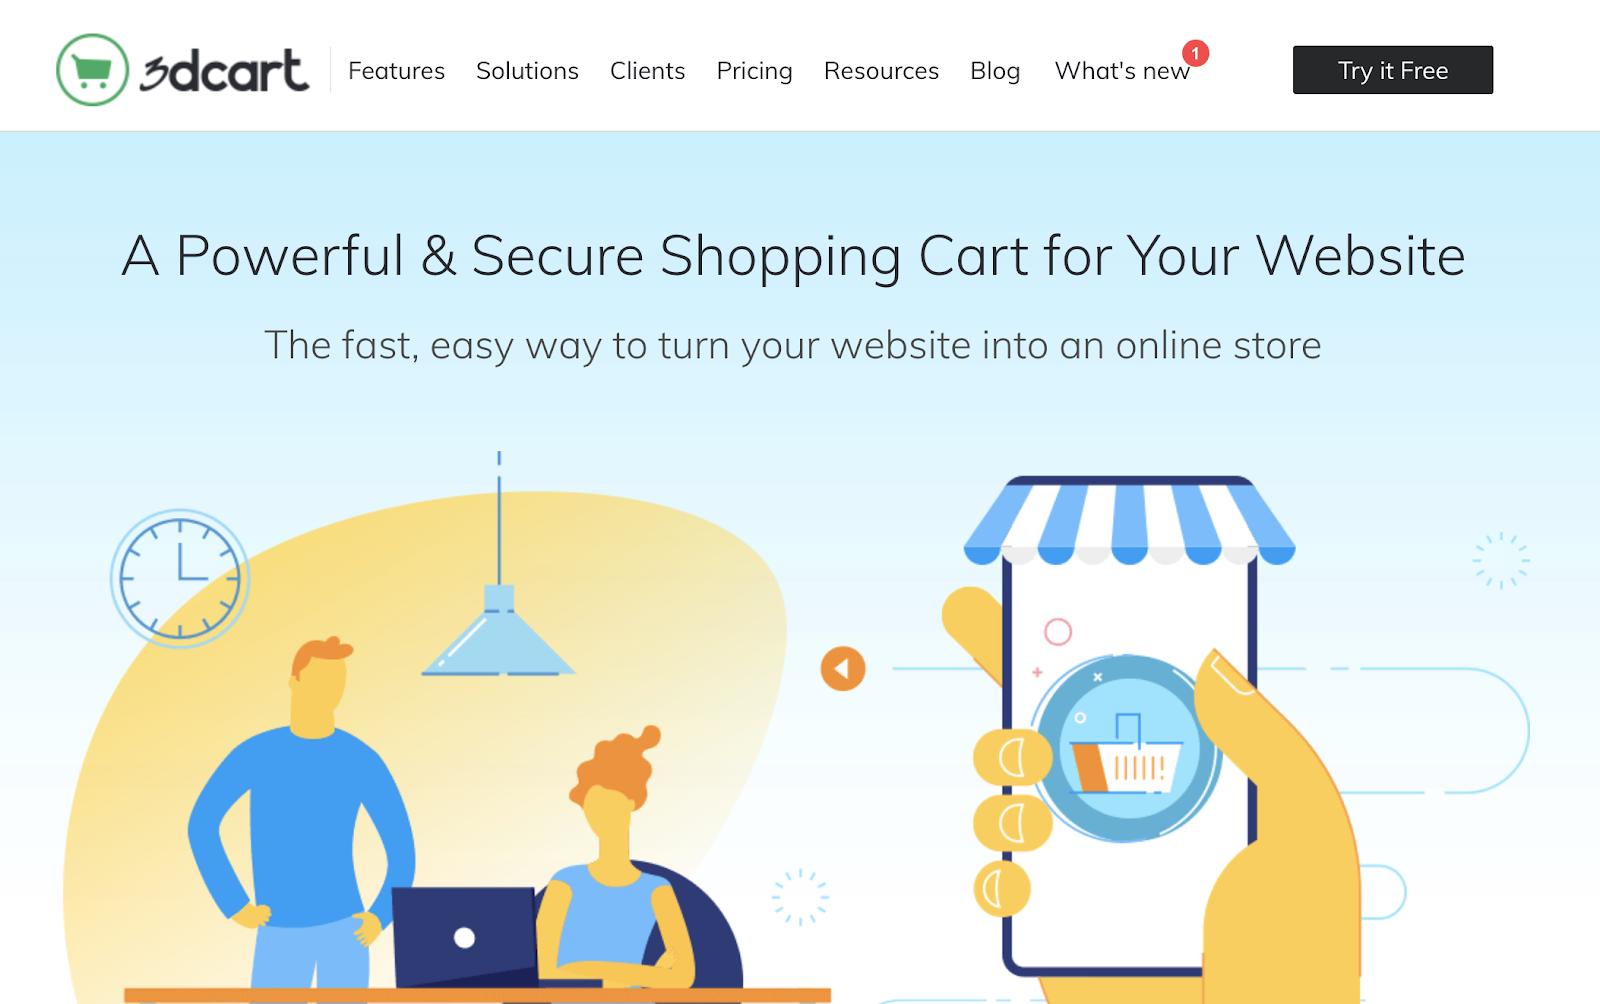 best ecommerce tools 2020 3dcart